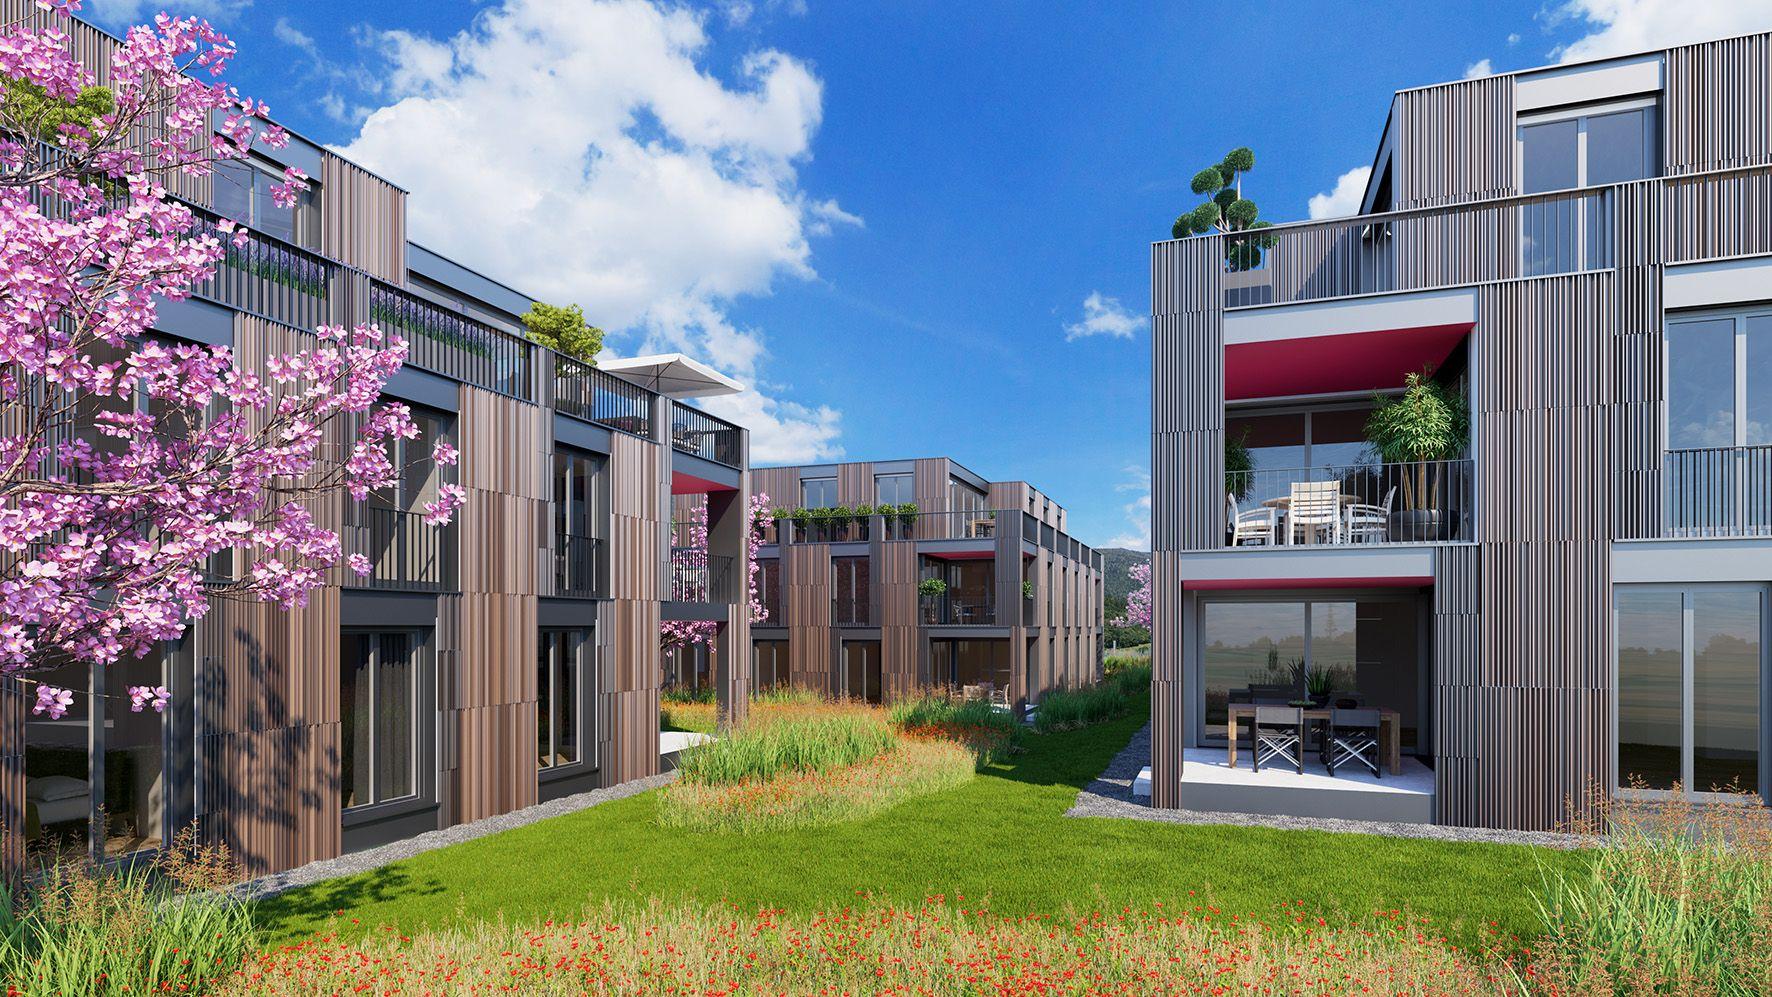 Apart Architektur Biel Architekten Architektur Architekt Style At Home